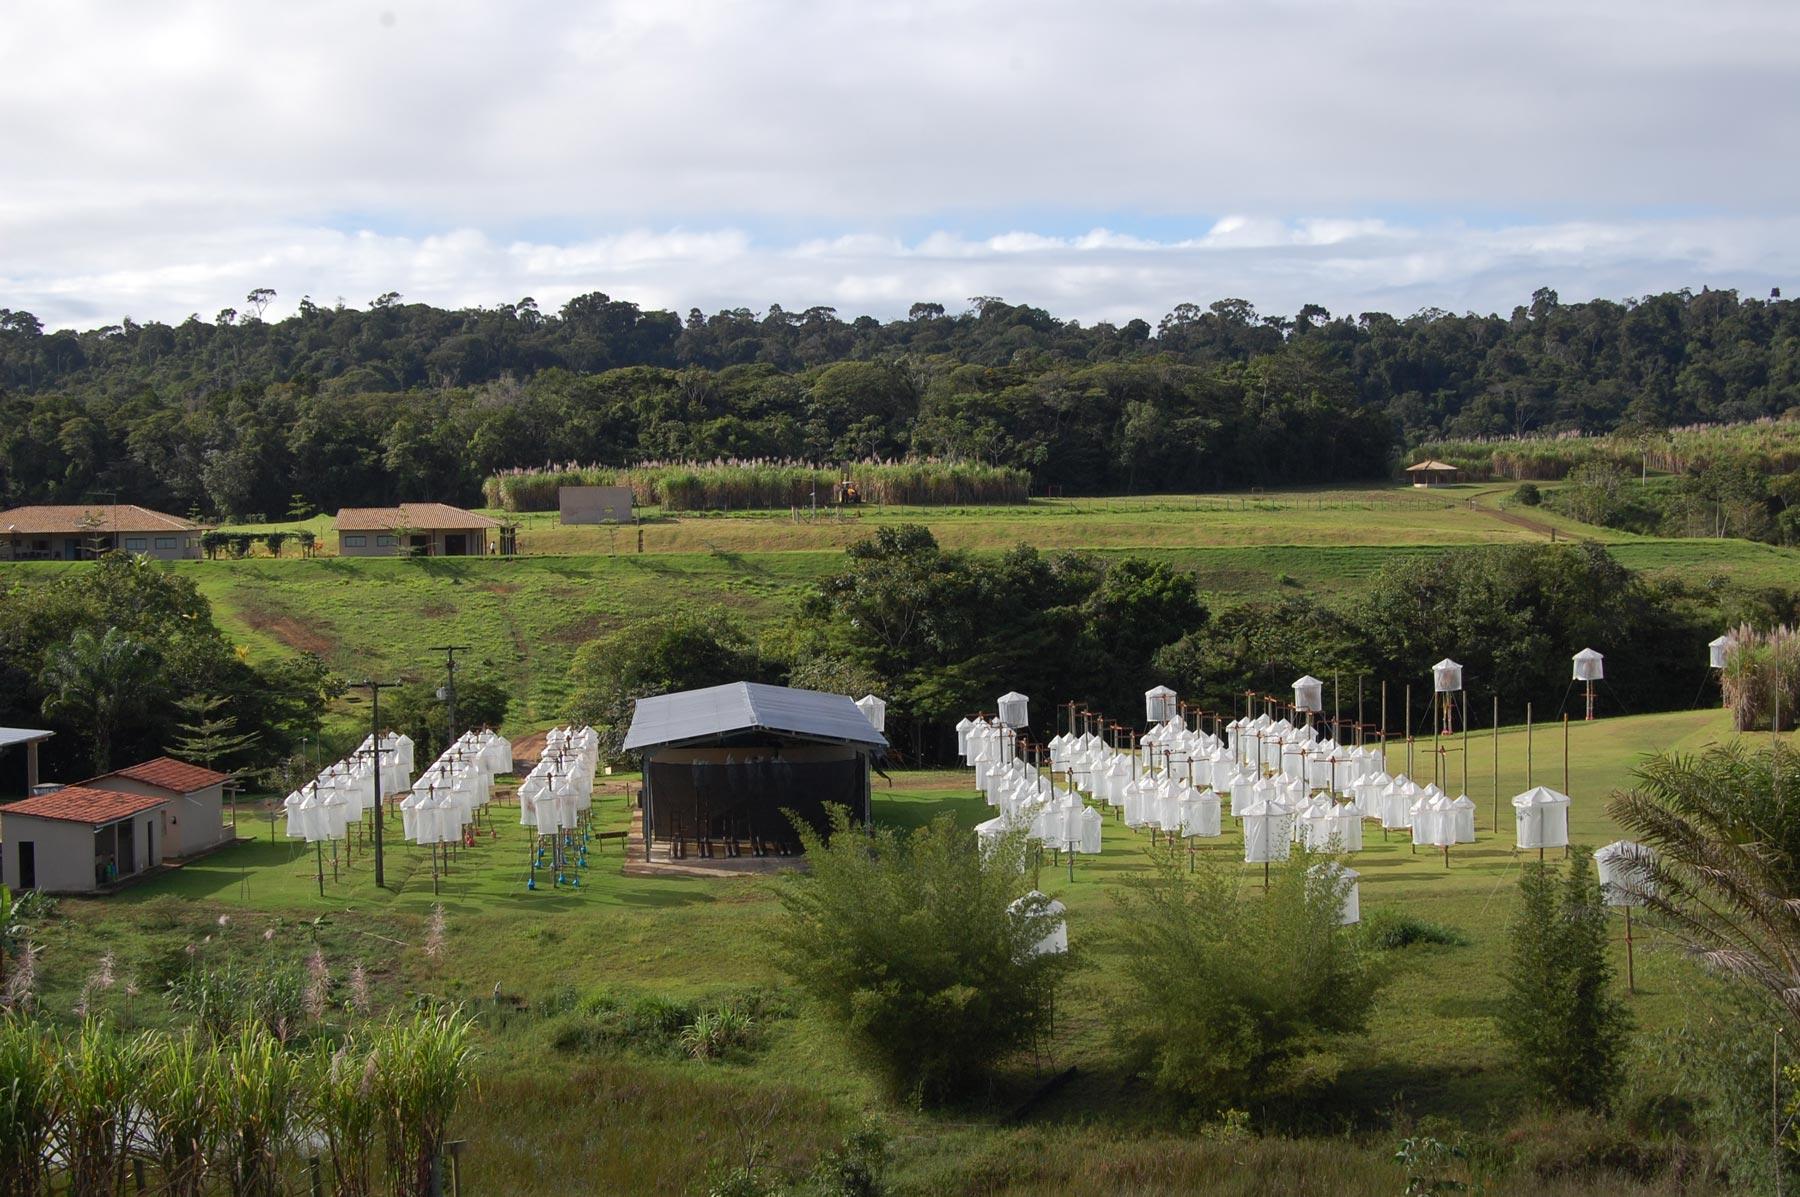 Figura 2. Vista panorâmica da Estação de Hibridação de Cana em Serra Grande (Uruçuca BA).